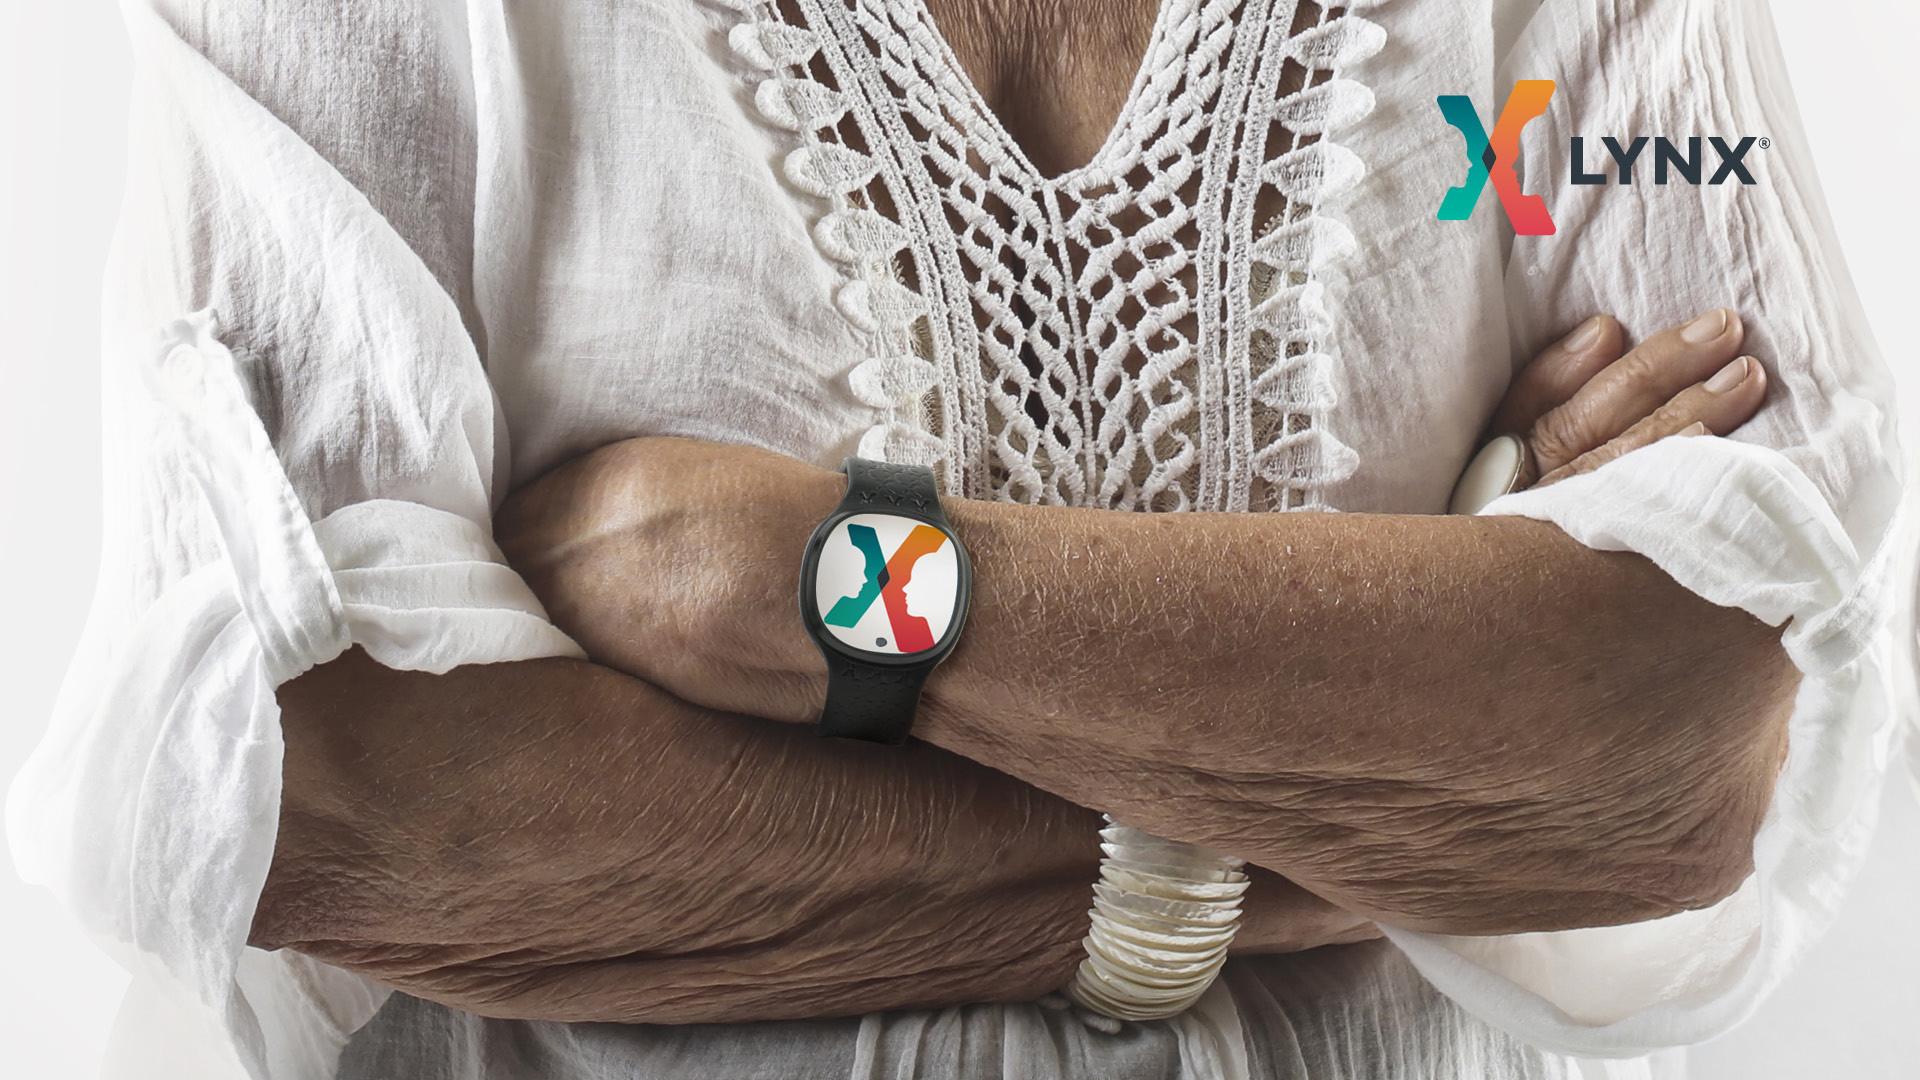 Technologische ondersteuning voor alleenwonenden met beperking